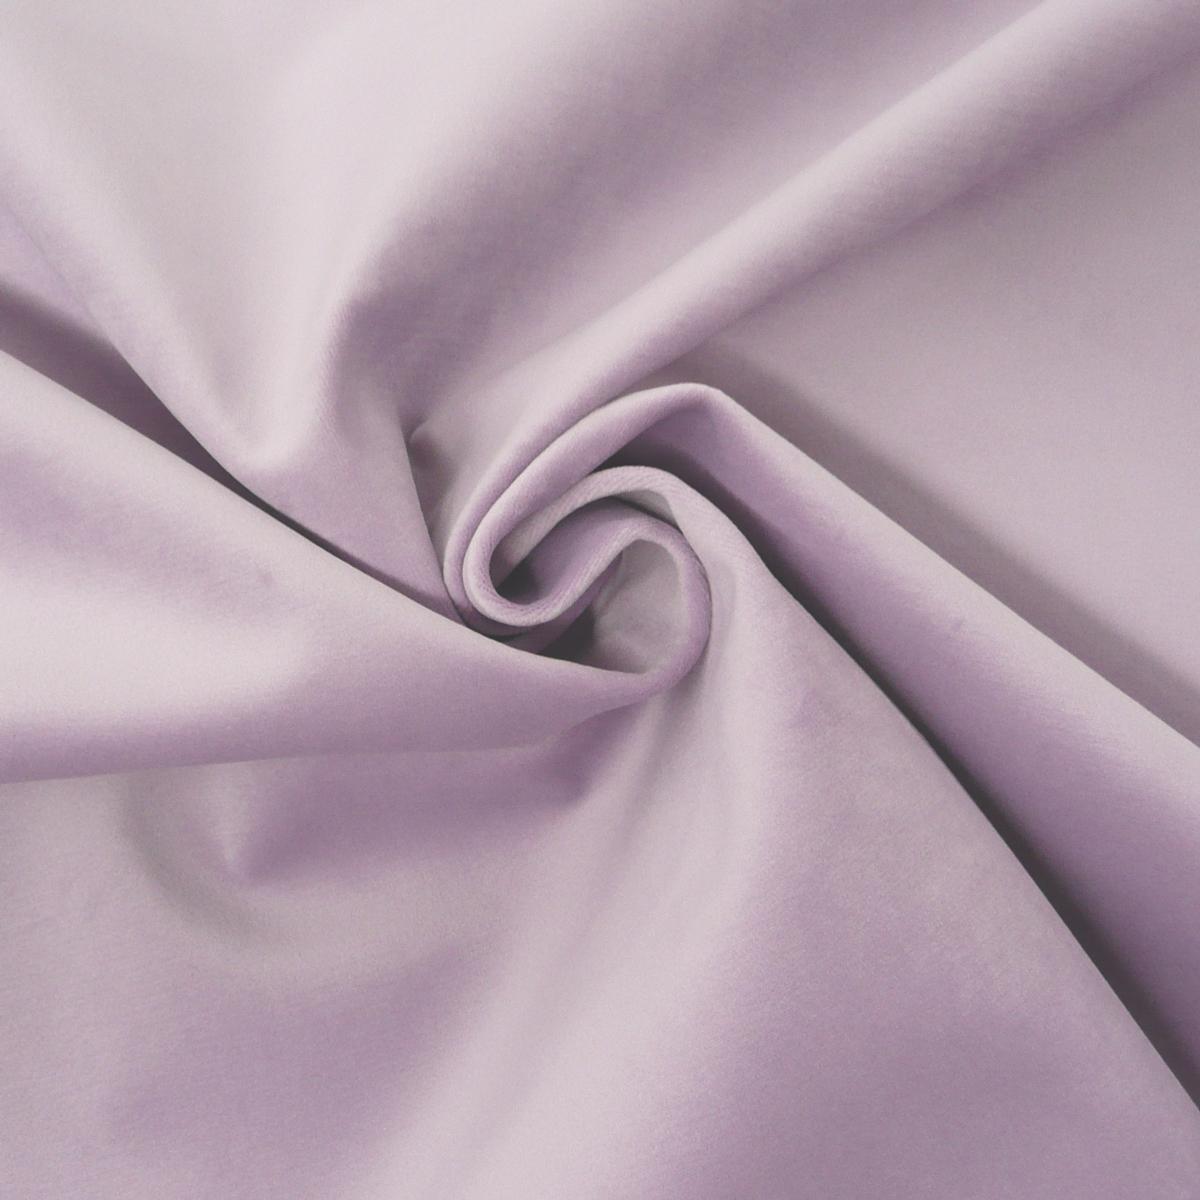 Möbelstoff Polsterstoff Bezugstoff Samtstoff Samt pastell flieder lila 1,40m breit